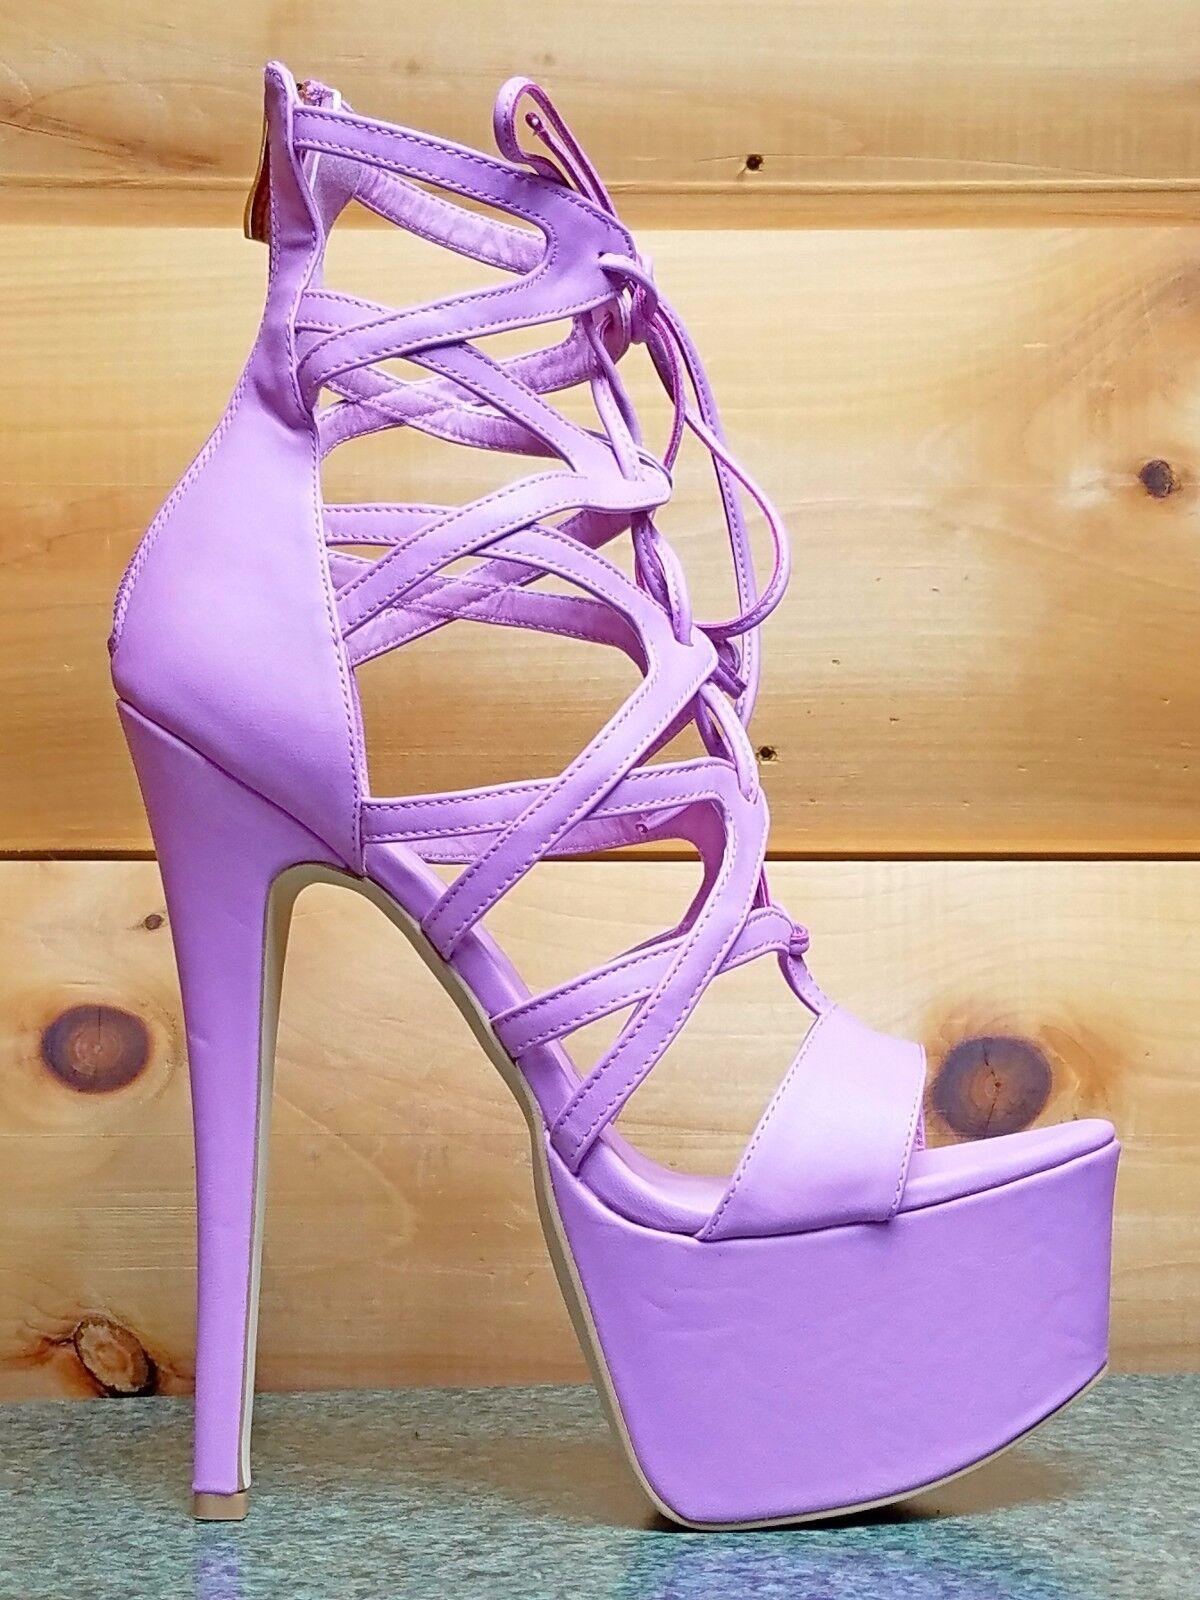 Pachanga Lavanda Púrpura púrpura Con Cordones 7    Zapatos De Plataforma Tacón Alto Talla 10  edición limitada